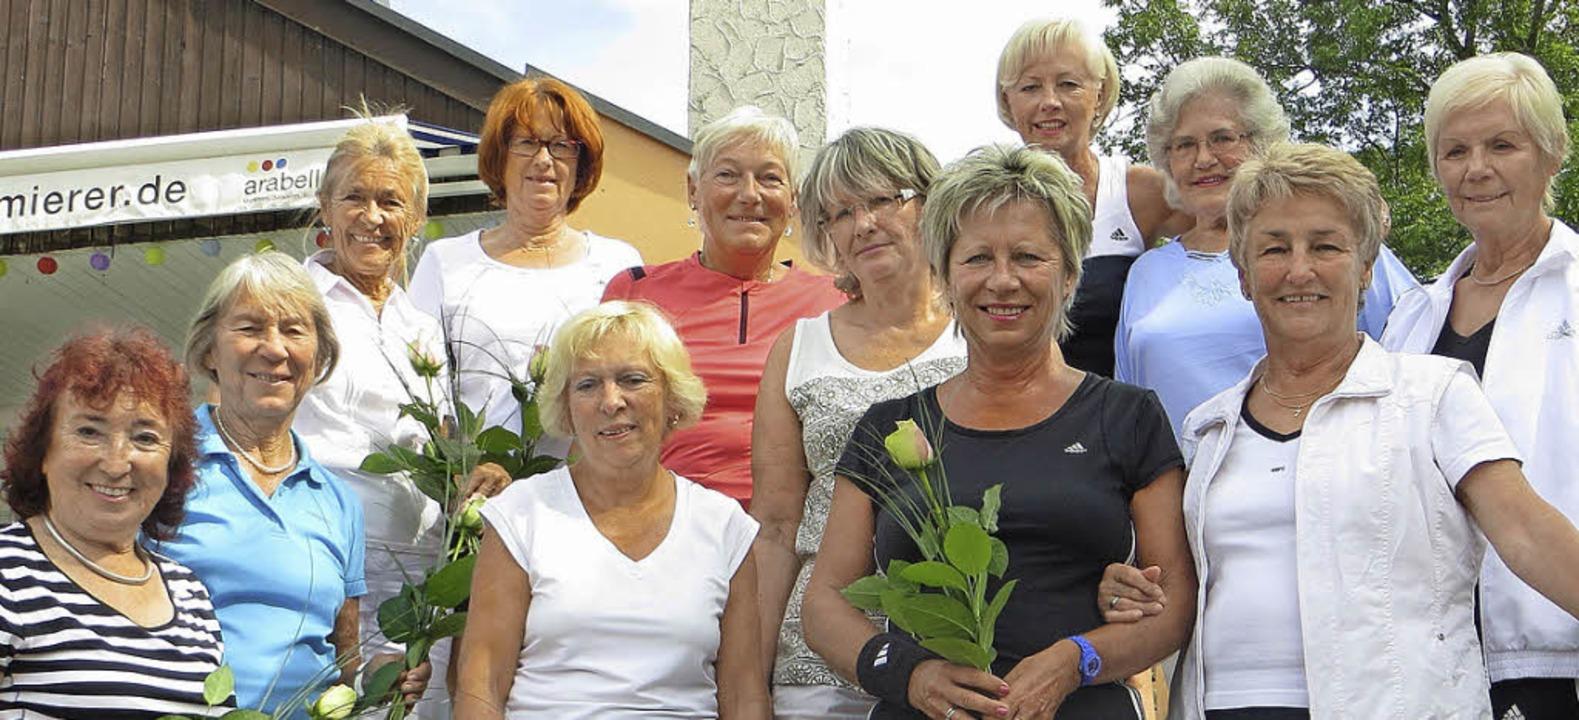 Die Teilnehmerinnen am Jubiläumsturnier TC gegen TG   | Foto: zVg